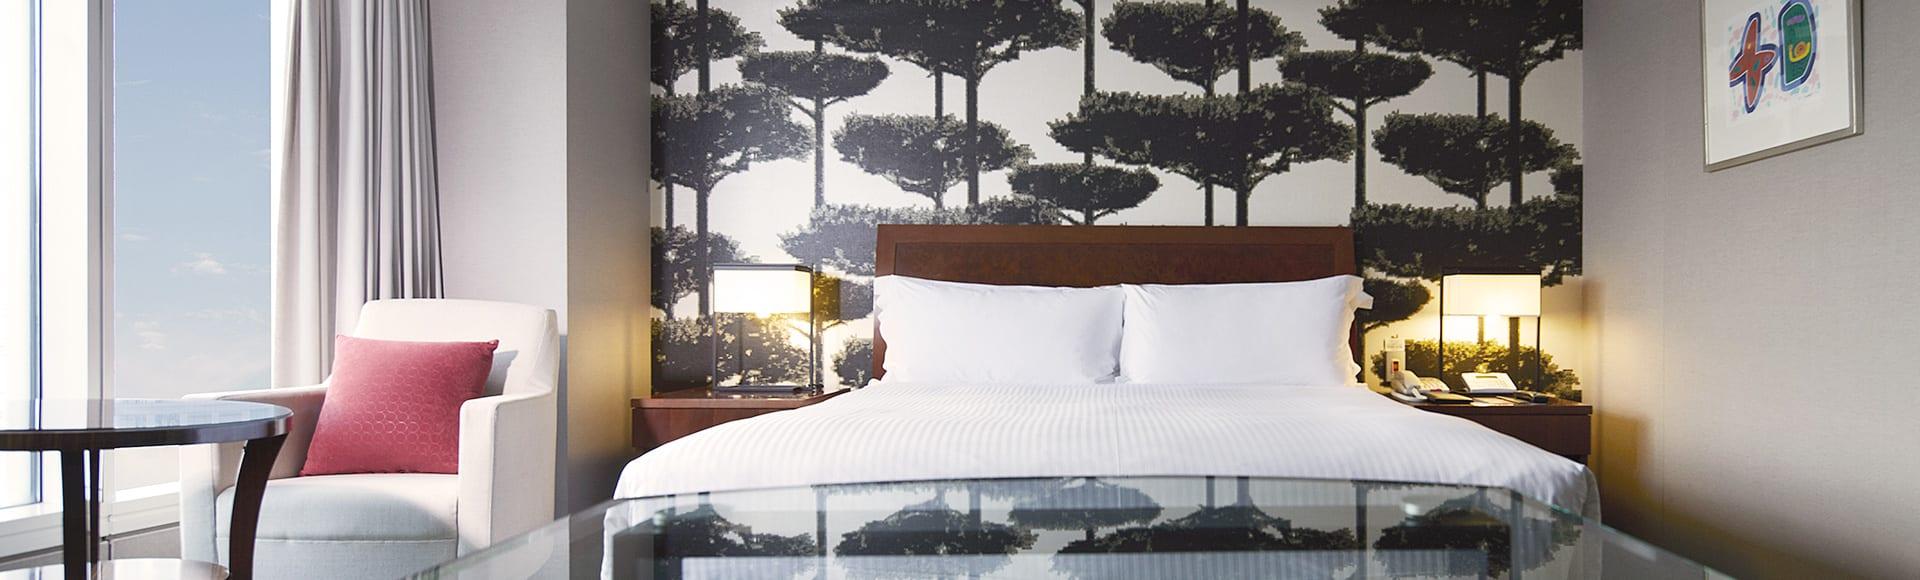 首爾COEX洲際酒店客房。(圖片取自首爾COEX洲際酒店官網)